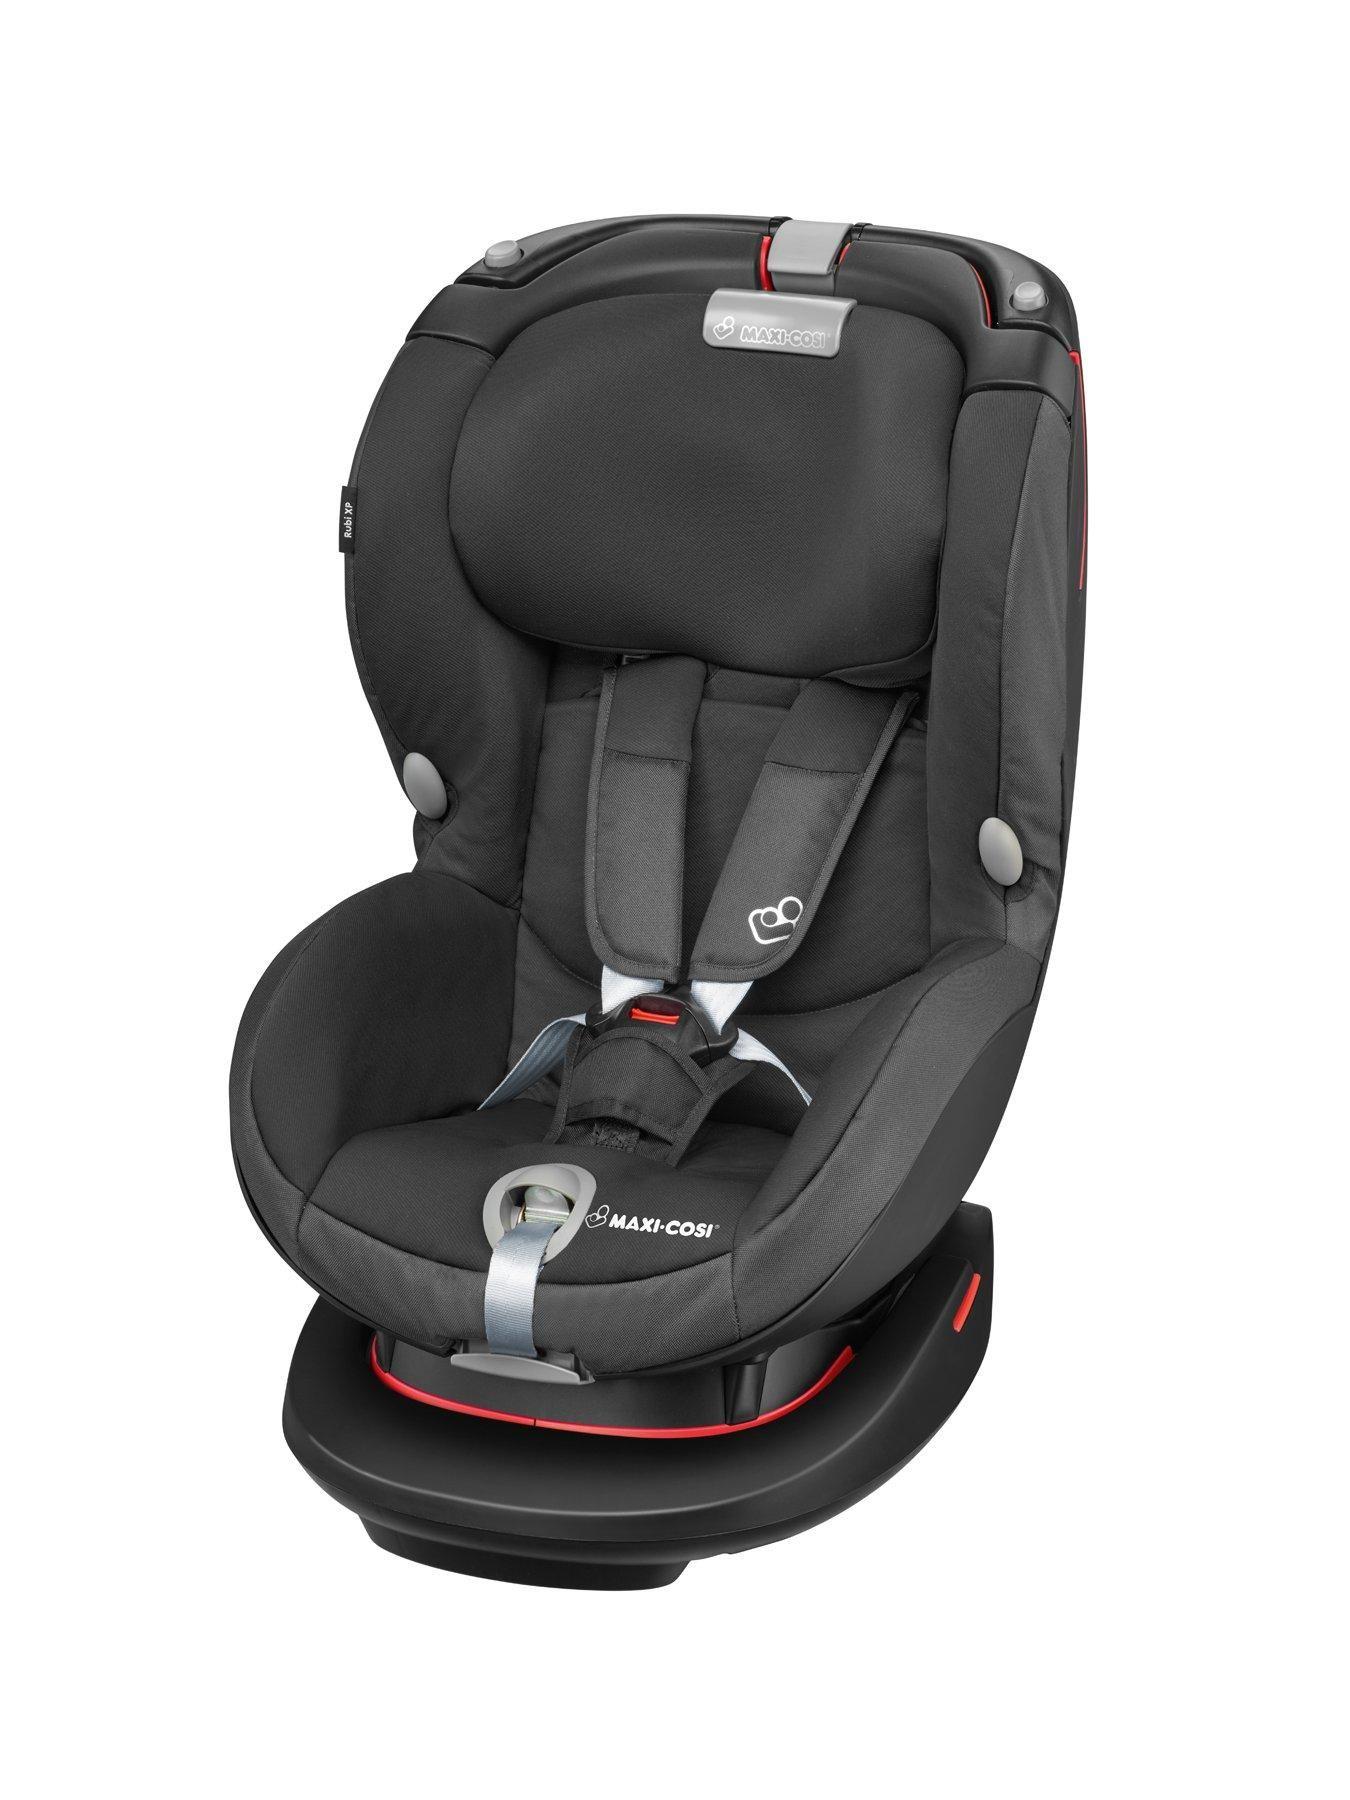 Maxi Cosi Maxi Cosi Rubi Xp Car Seat Group 1 Night Black Night Black In 2020 Car Seats Baby Car Seats John Lewis Baby